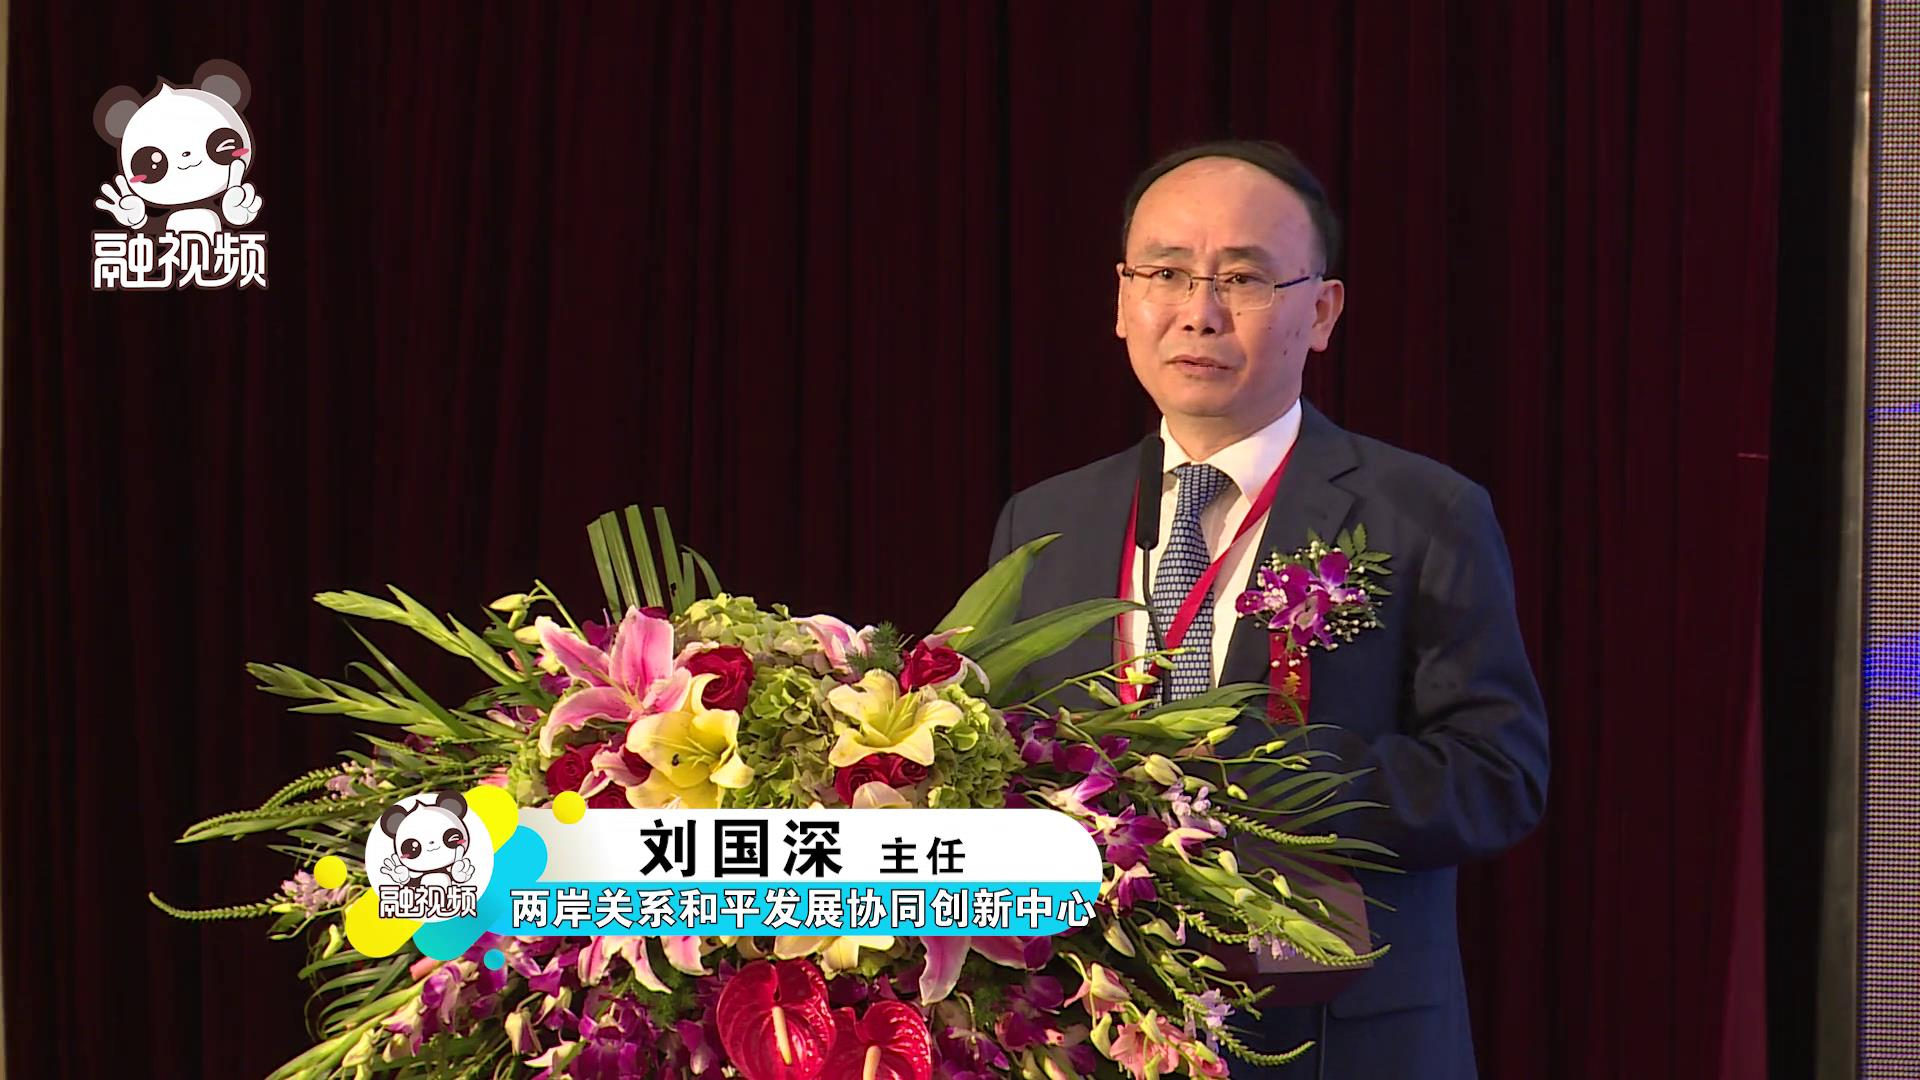 两岸关系和平发展协同创新中心主任刘国深发表题为《网络文化的挑战与两岸媒体人的责任》的演讲图片